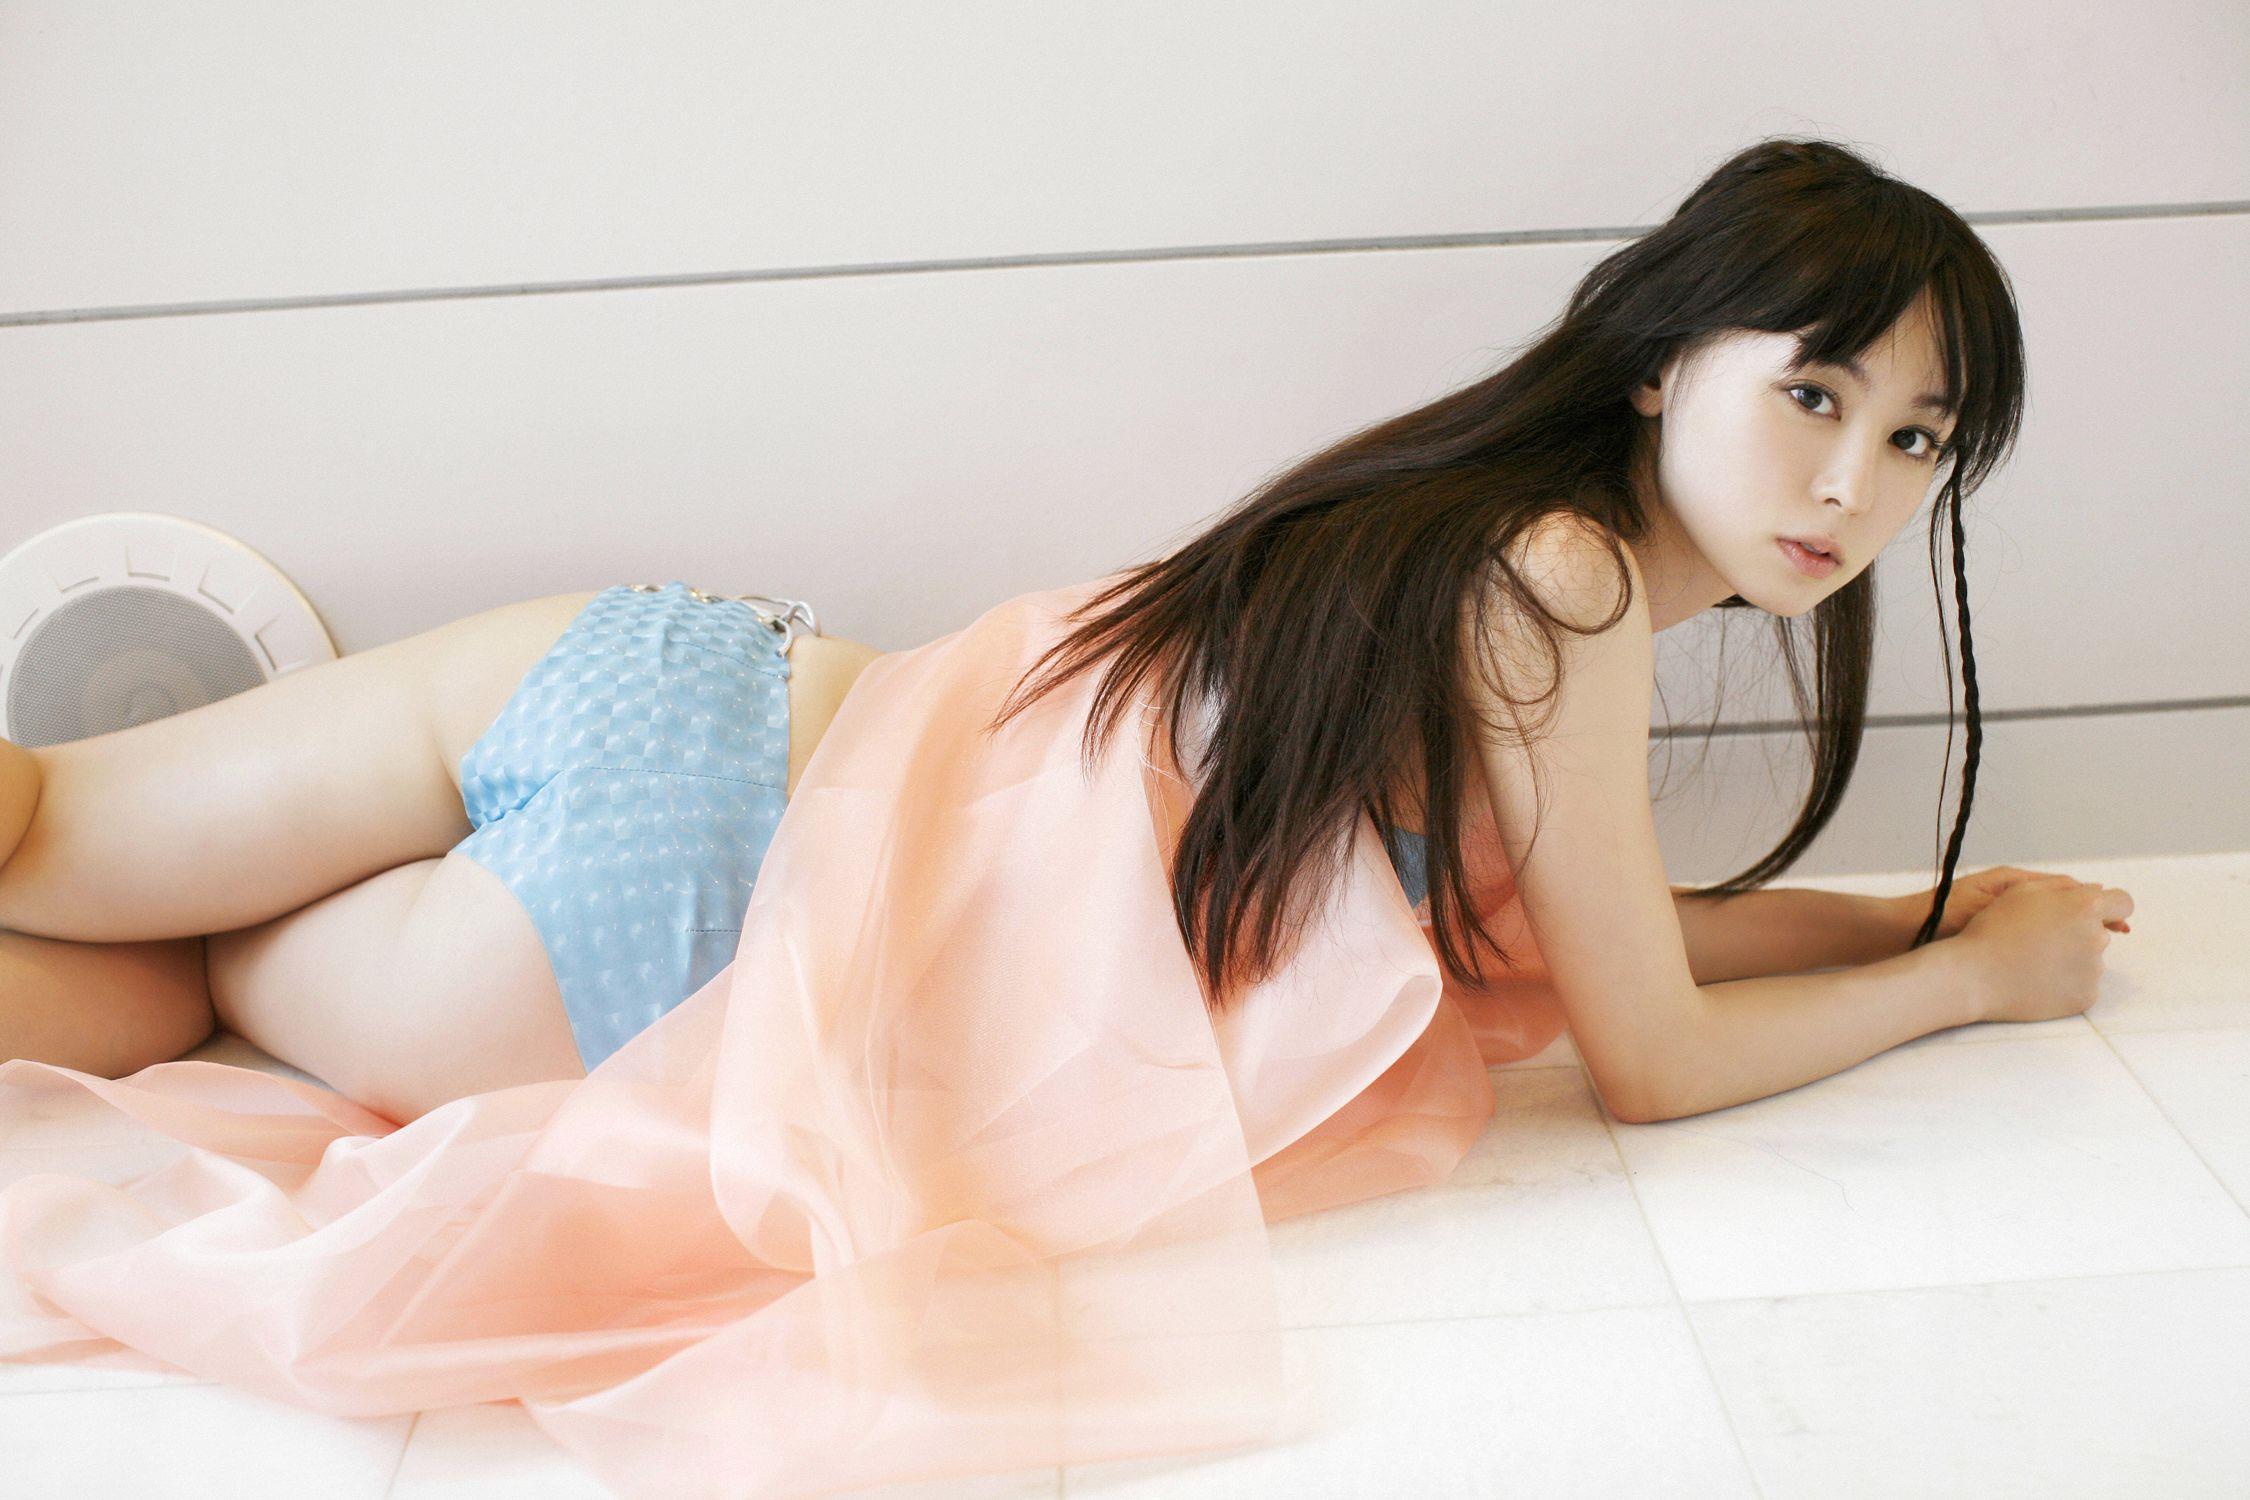 秋山莉奈 エロ画像 50